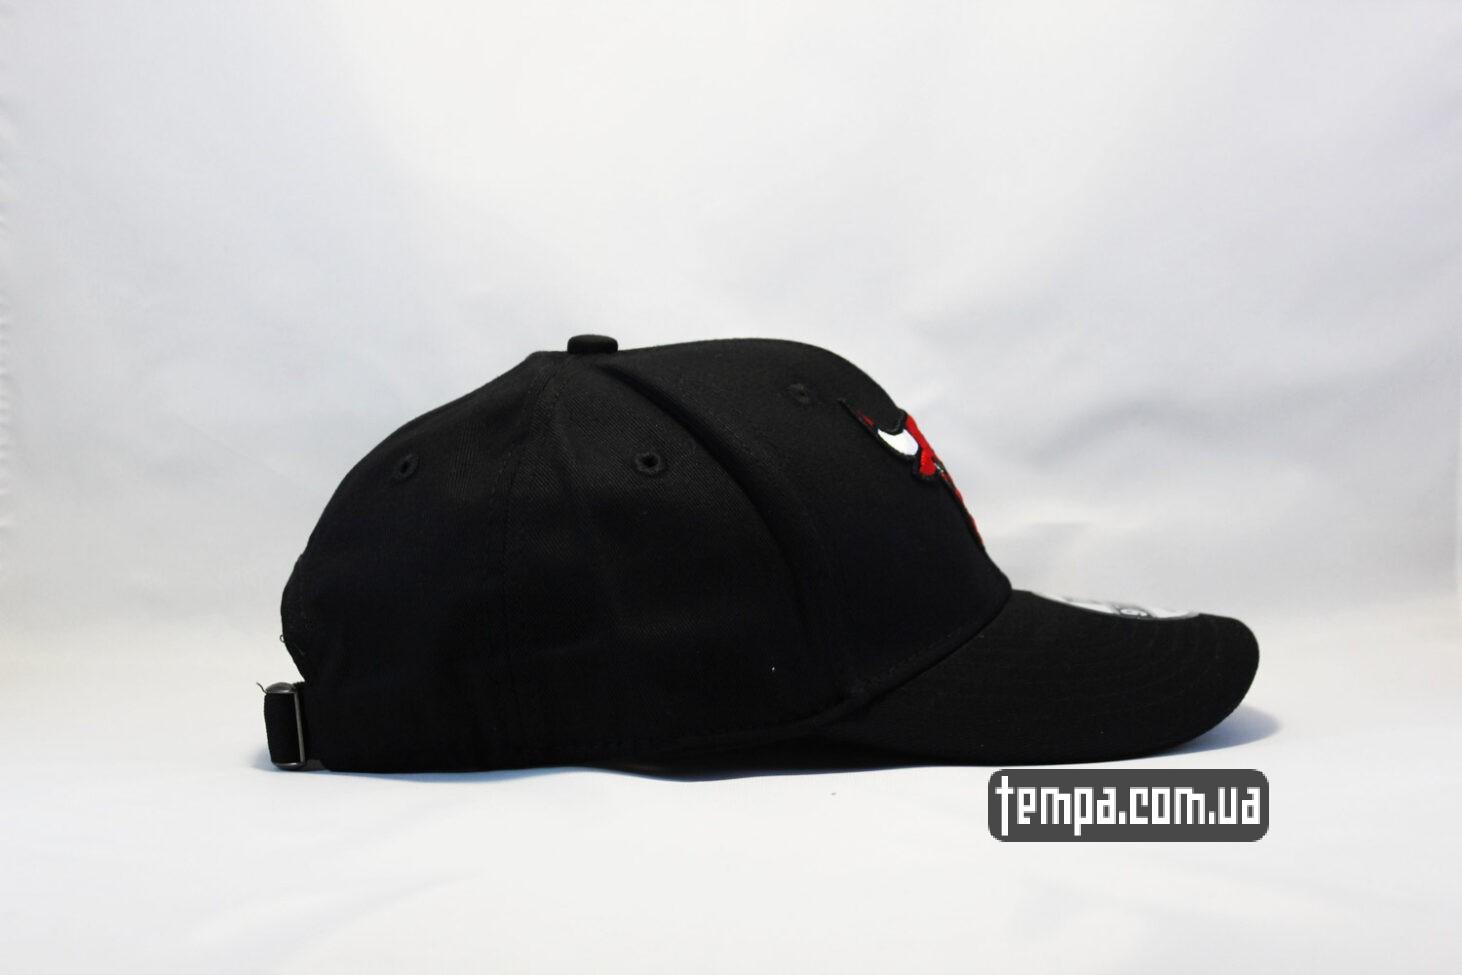 реперская одежа Киев Одесса купить кепка бейсболка chicago bulls черная new era 9twnty с быком